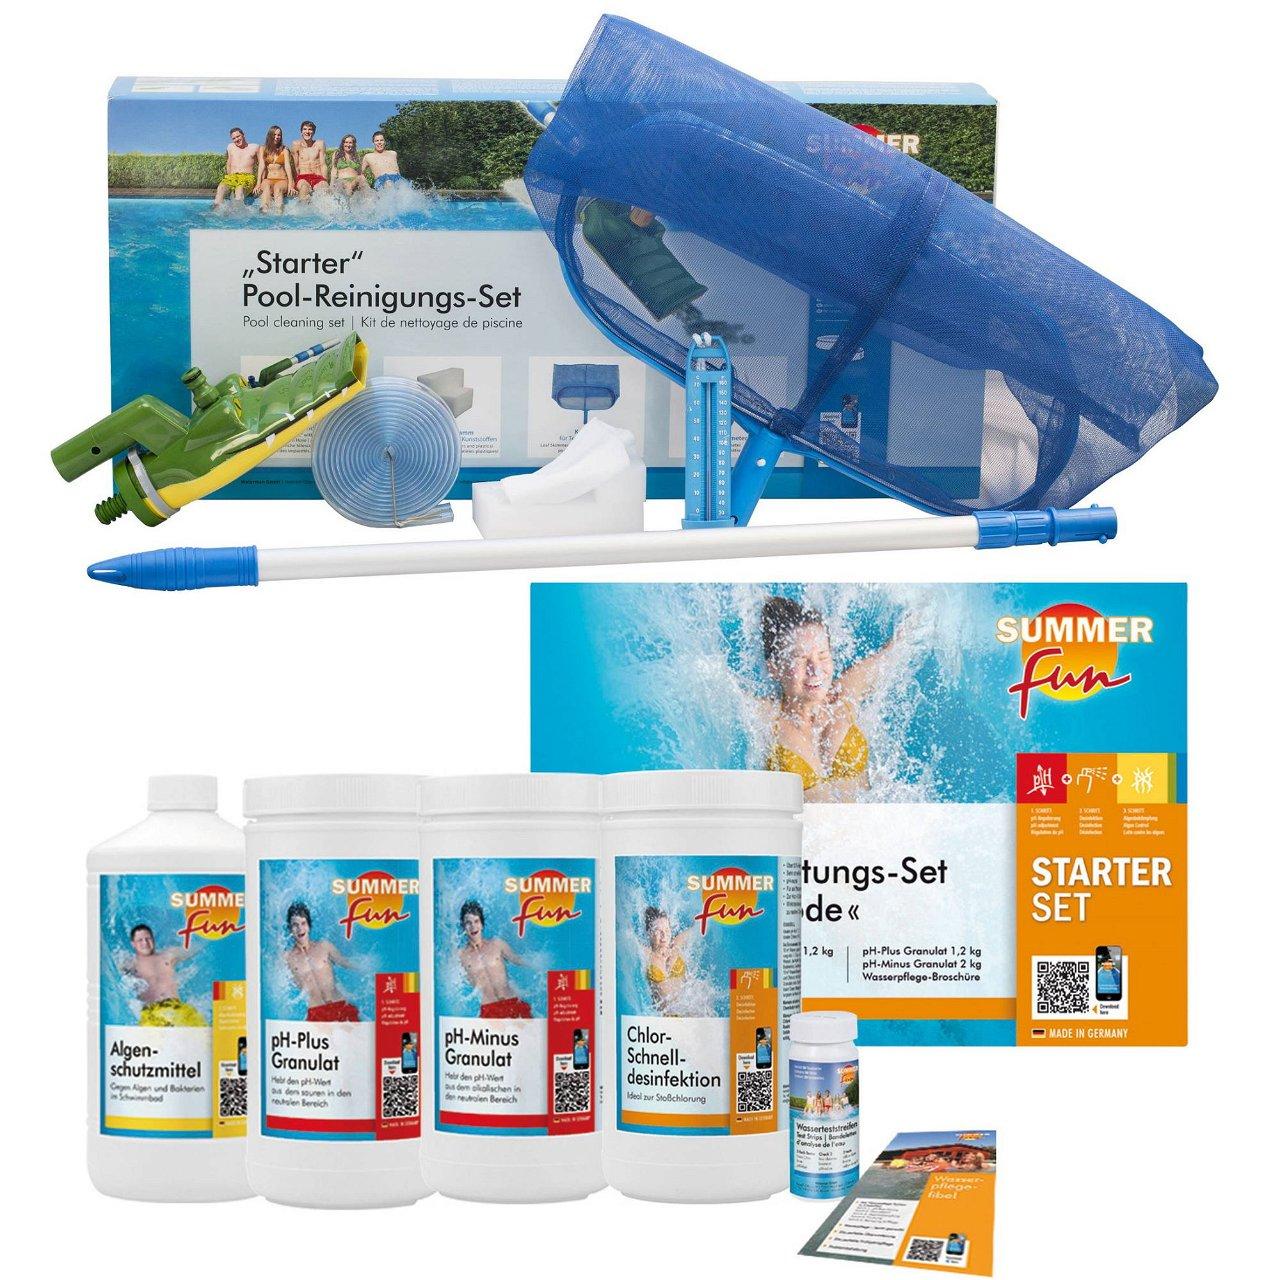 Summer Fun Starter-Set Pool-Reinigung & Wasserpflege - all in one